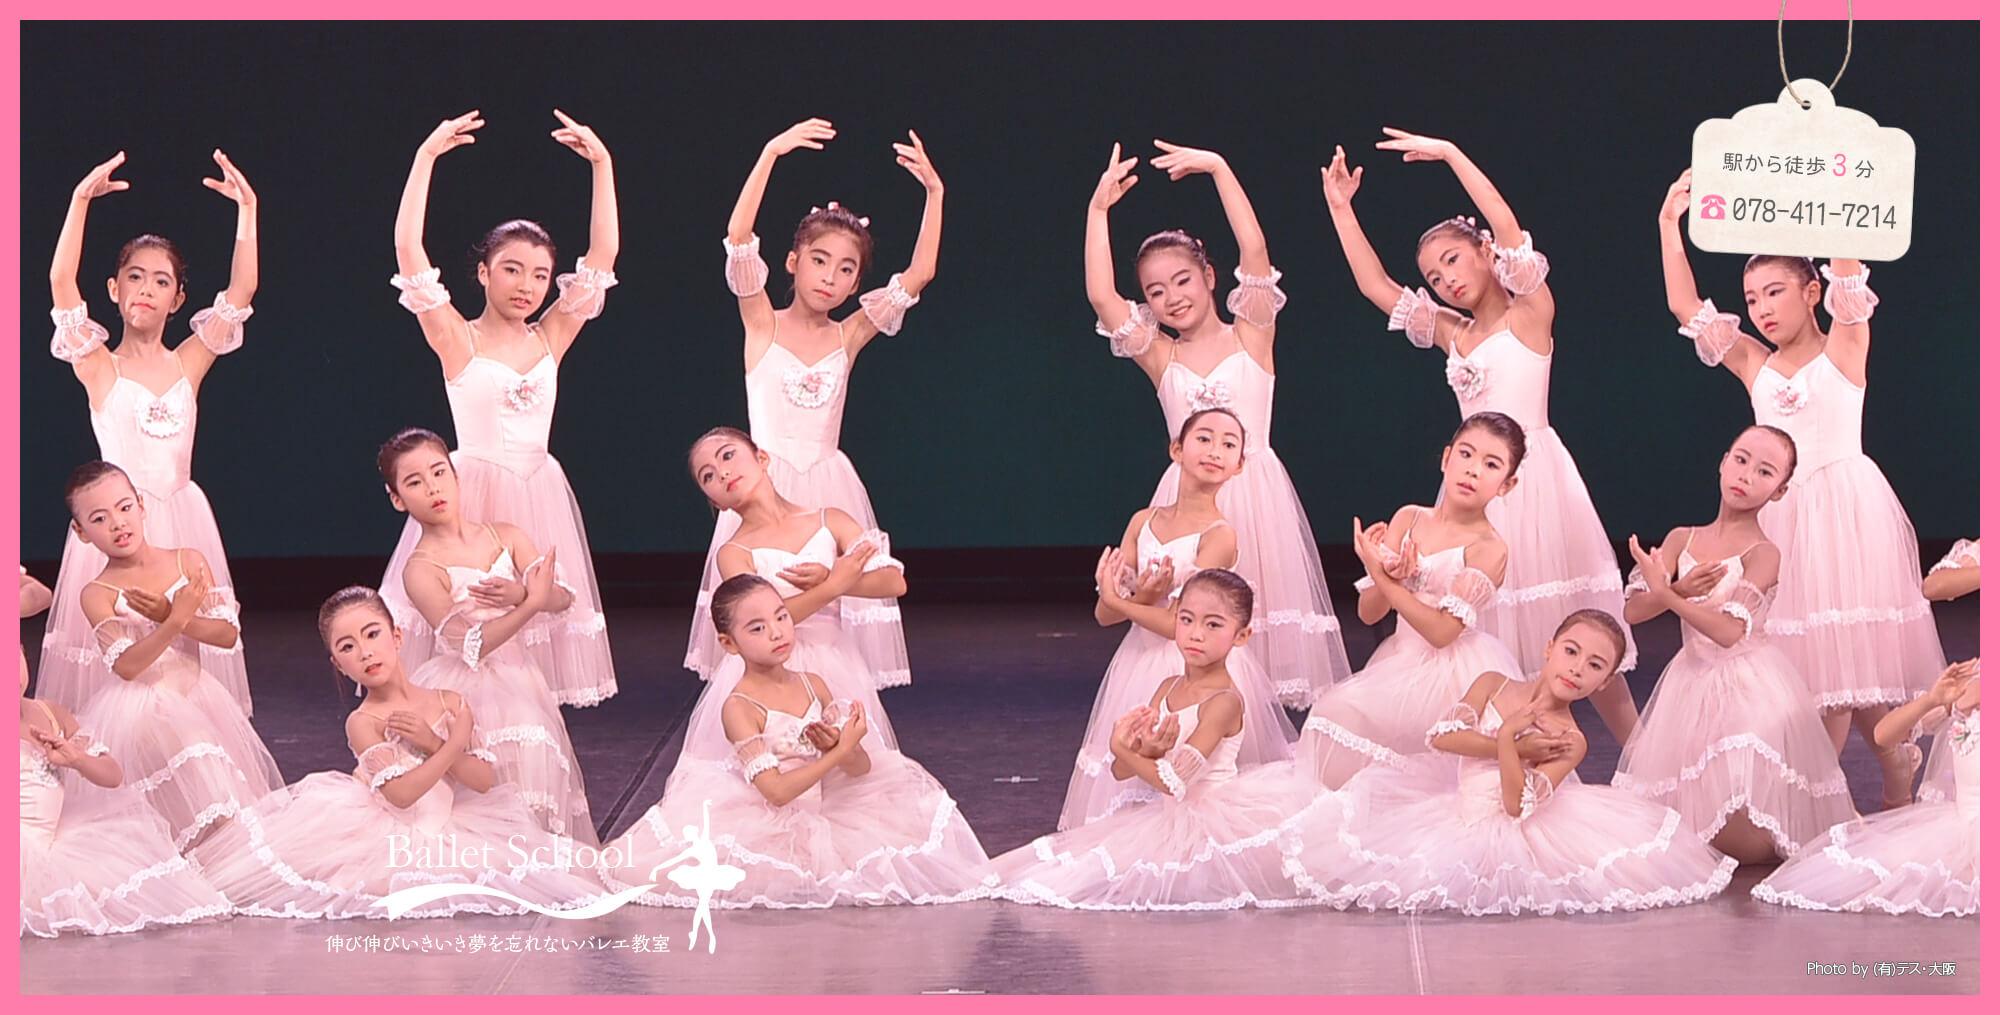 伸び伸びいきいき 夢を忘れない神戸のバレエ教室【渡バレエ学校】